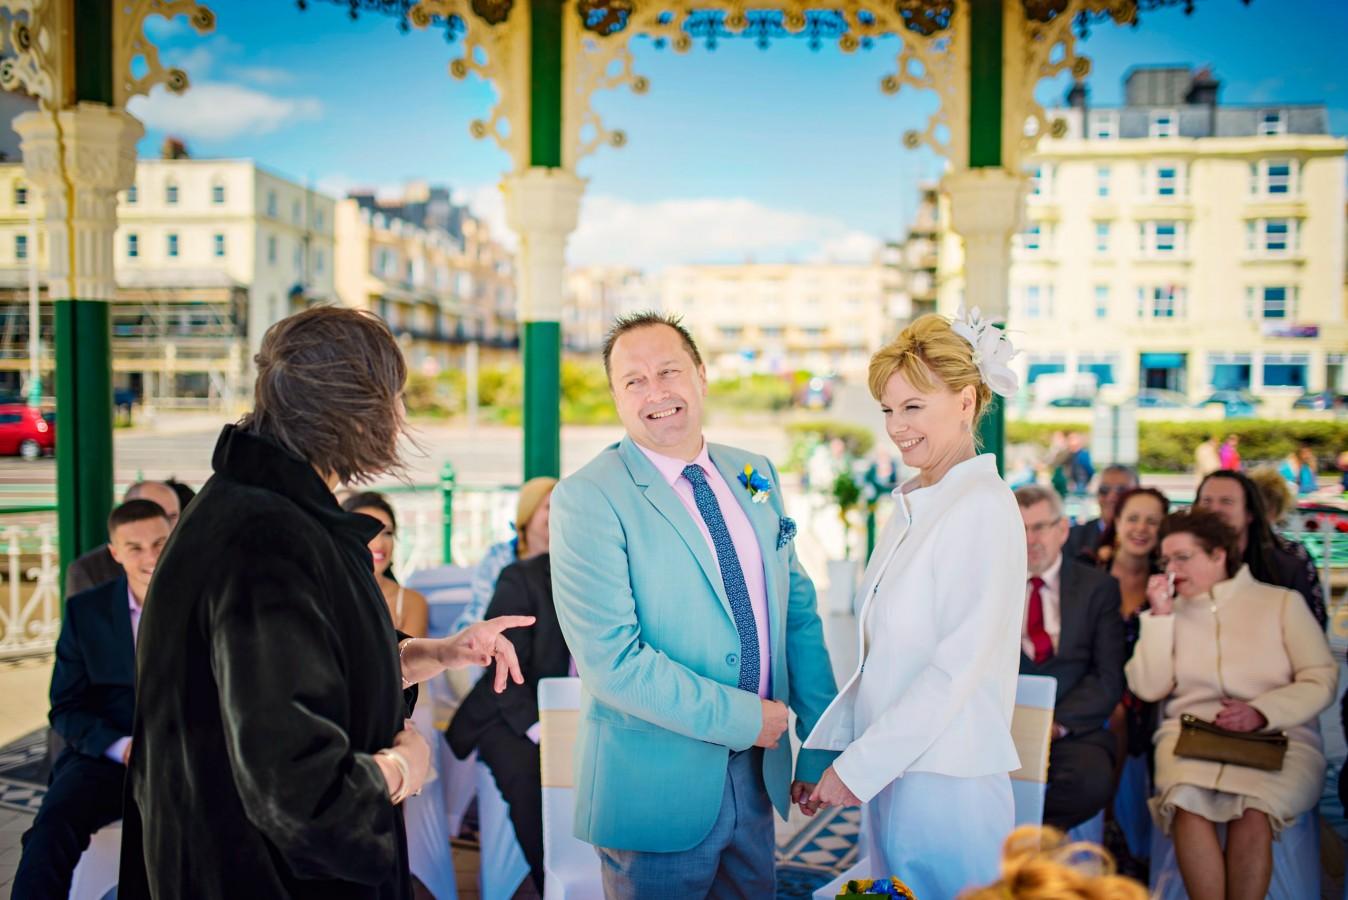 Hampshire Wedding Photographer - GK Photography-71